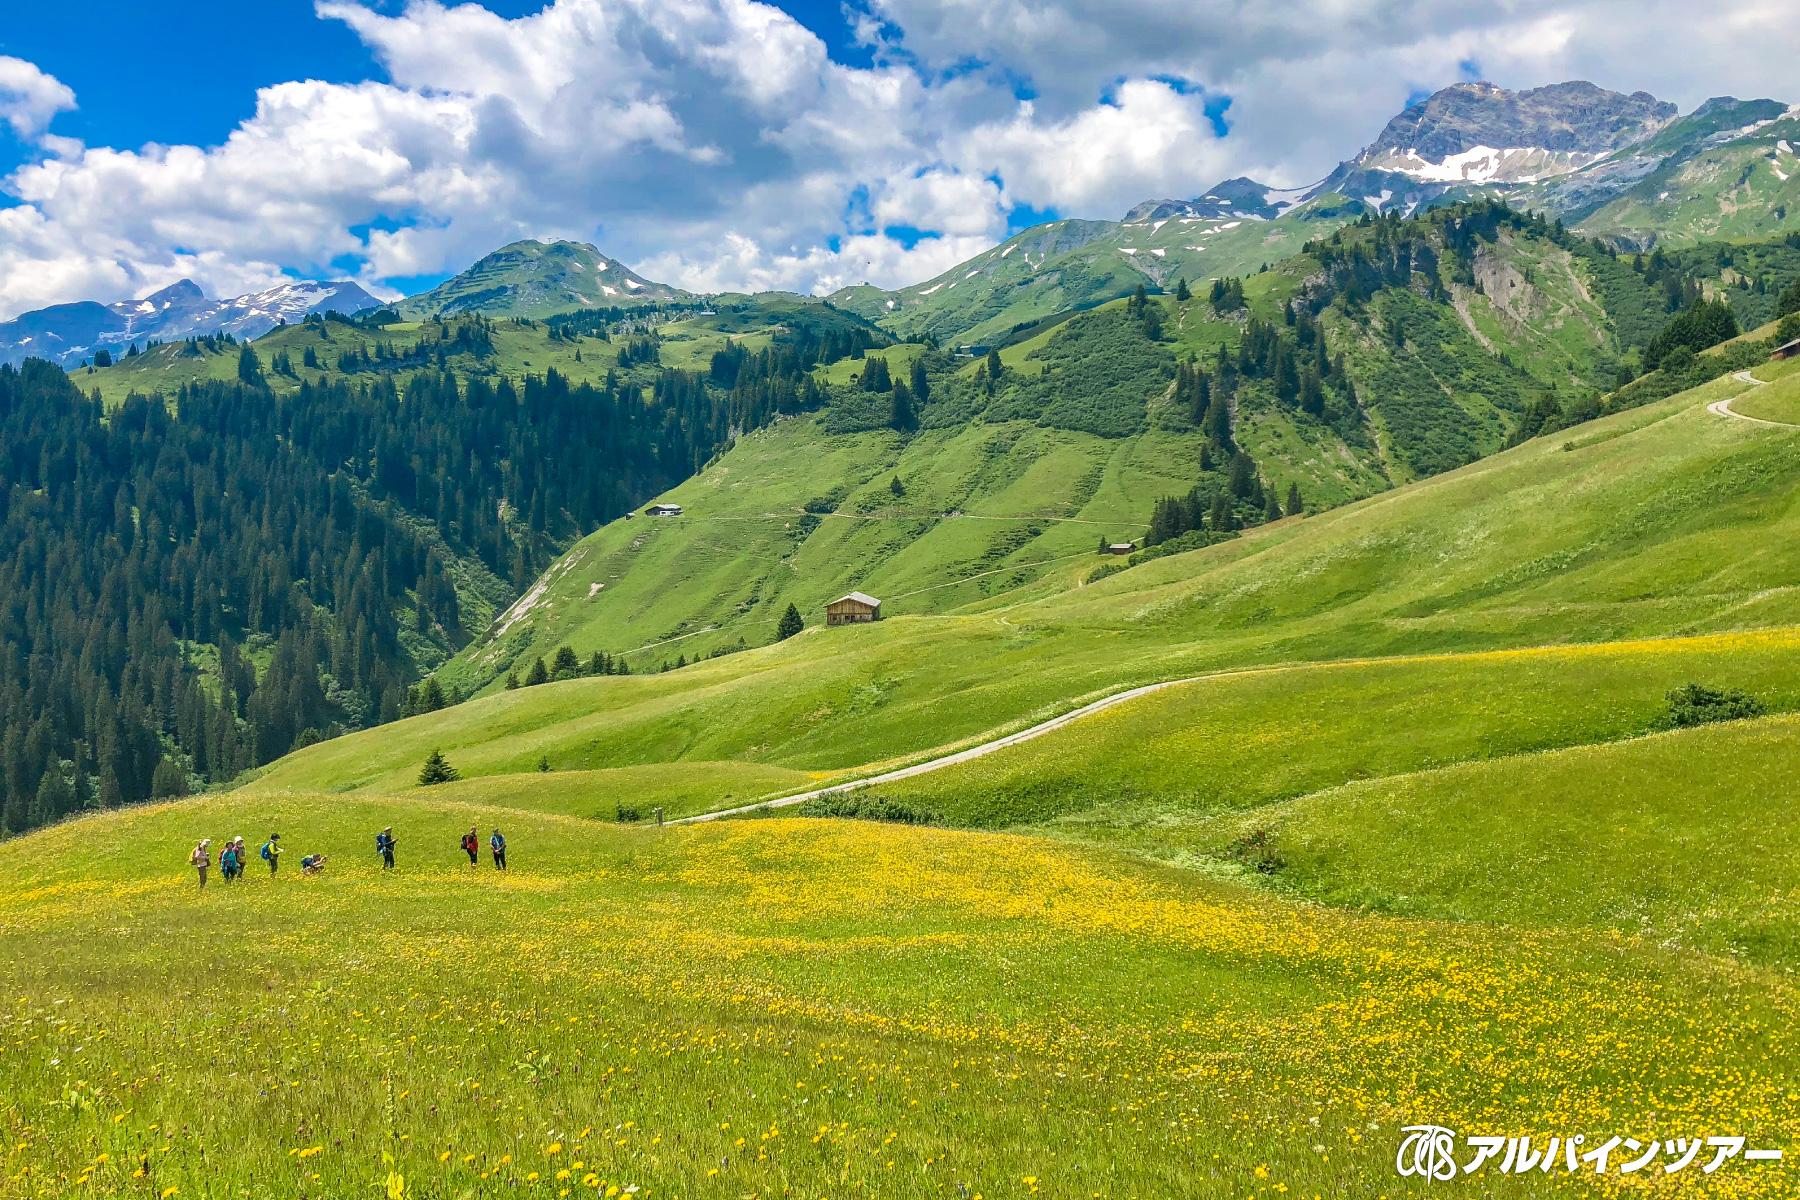 【今日の絶景】 一面に花咲くレッヒ(オーストリア)